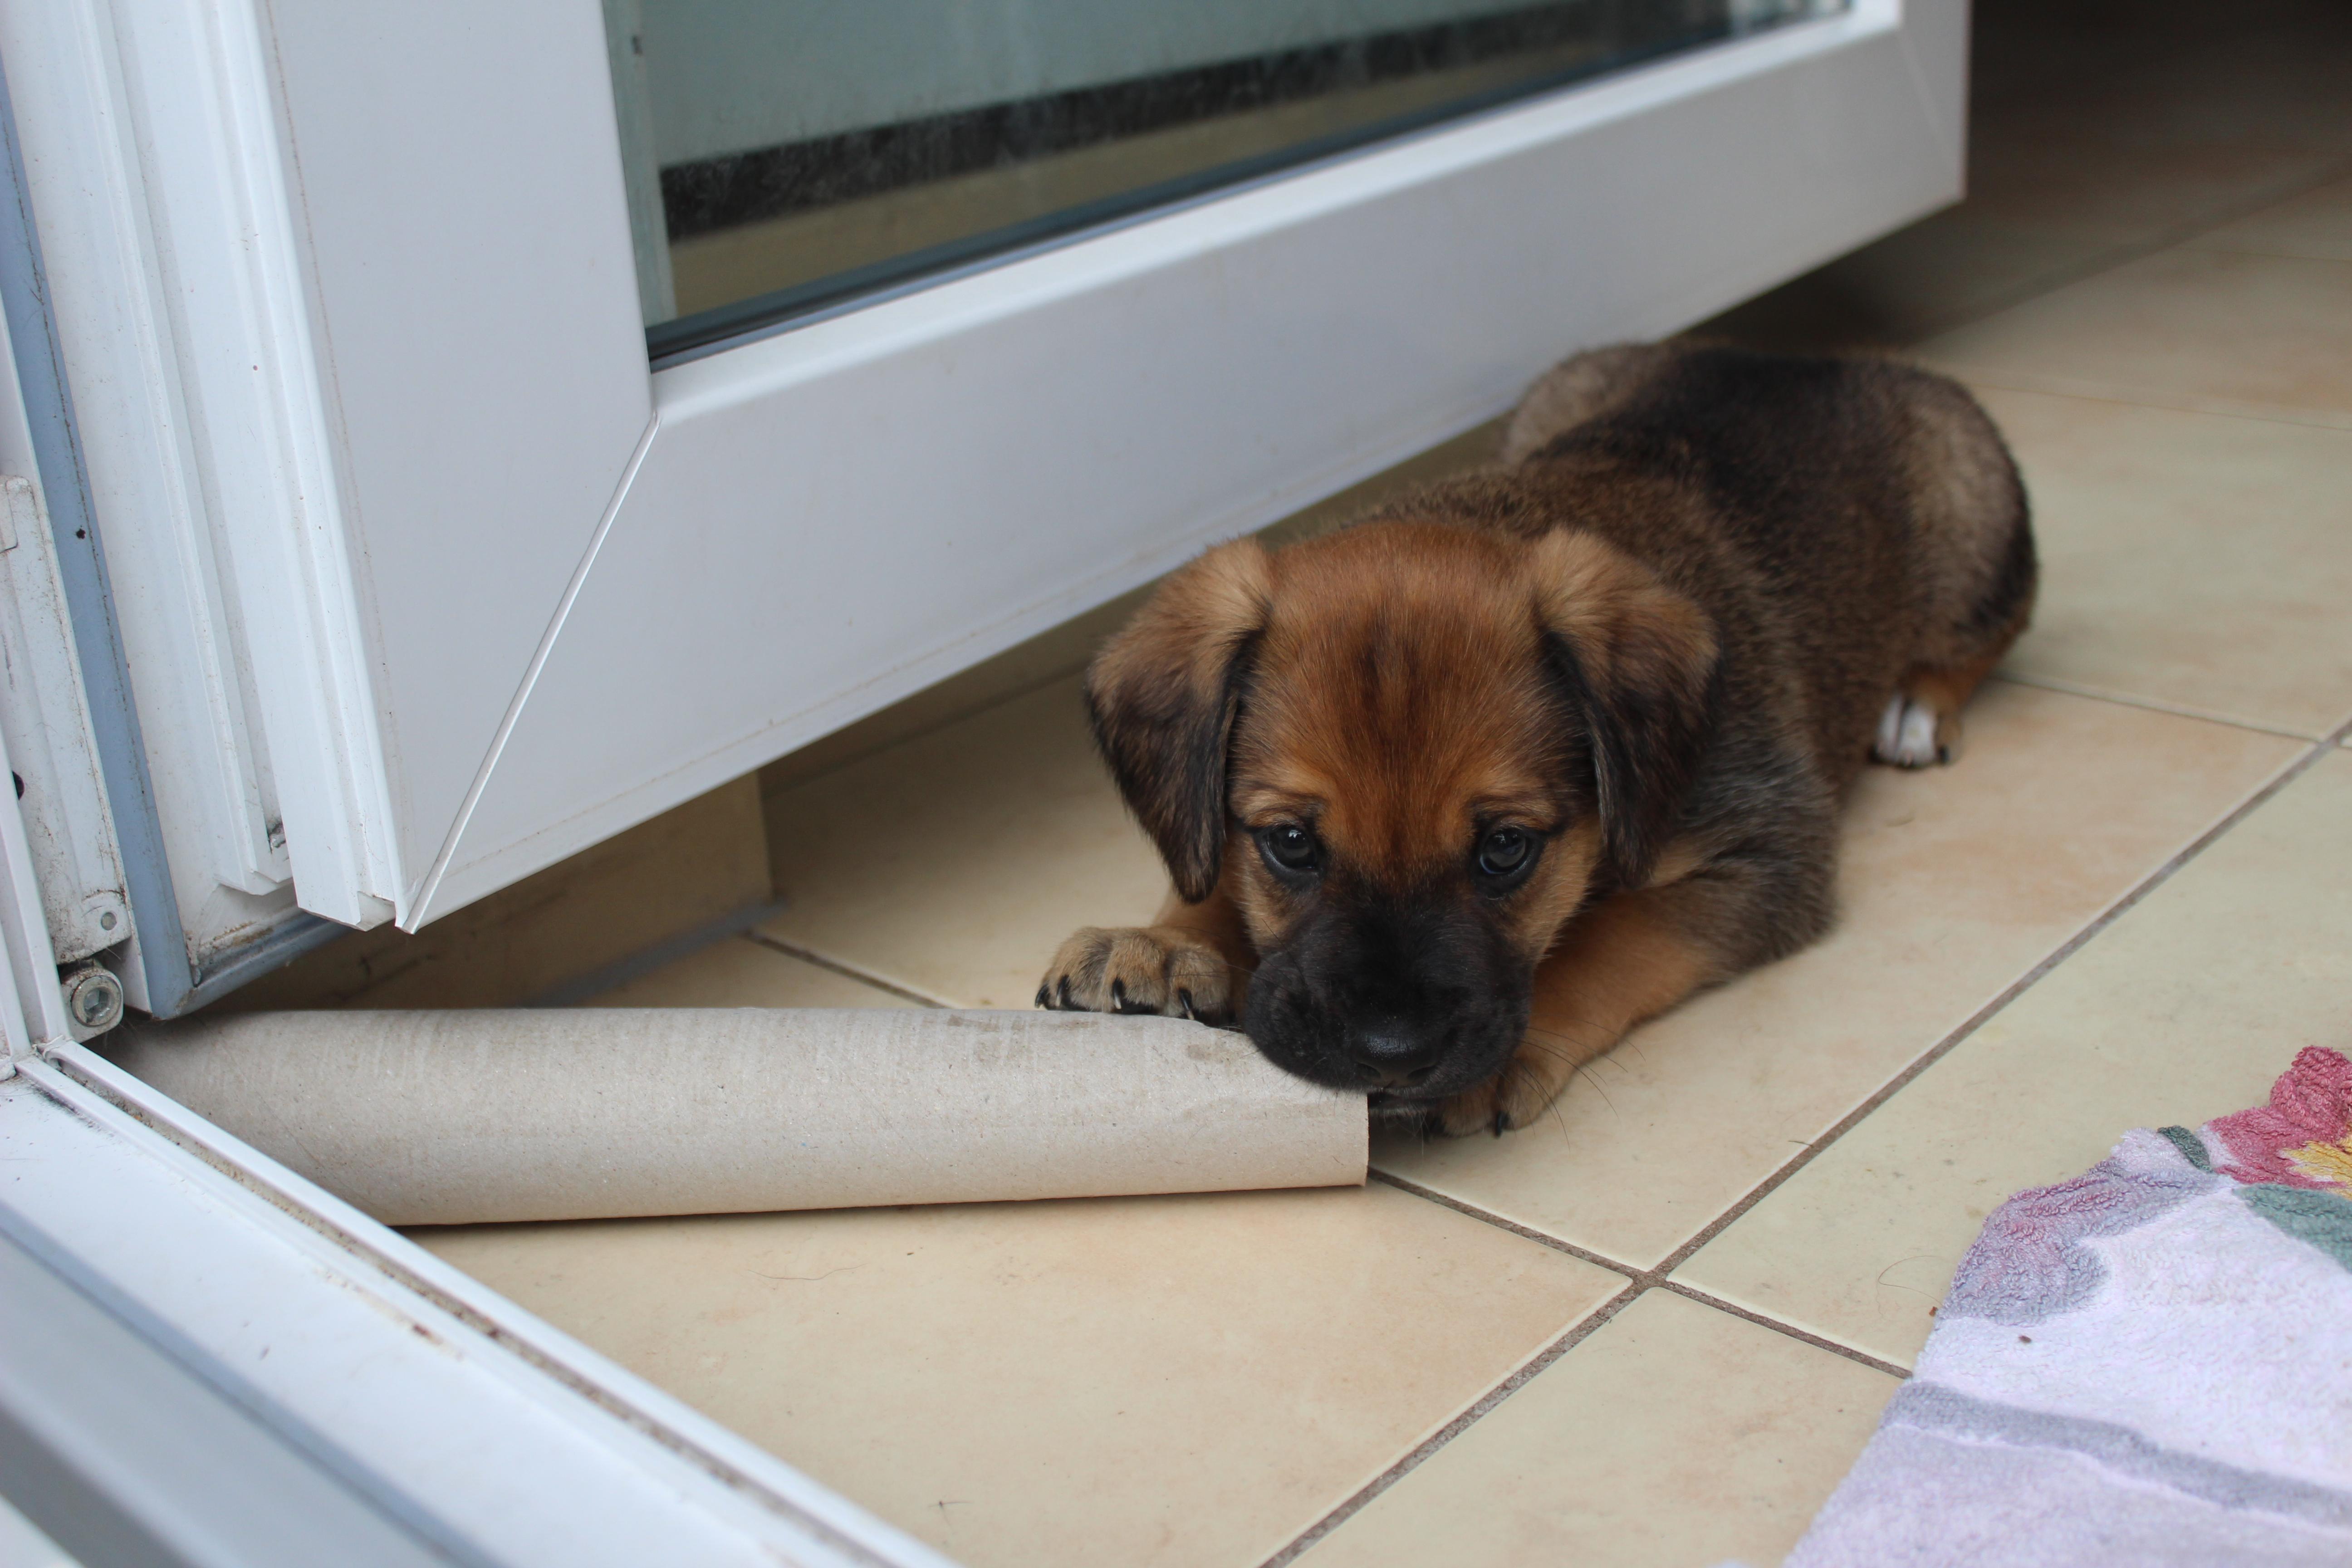 kleiner Hund liegt am Boden